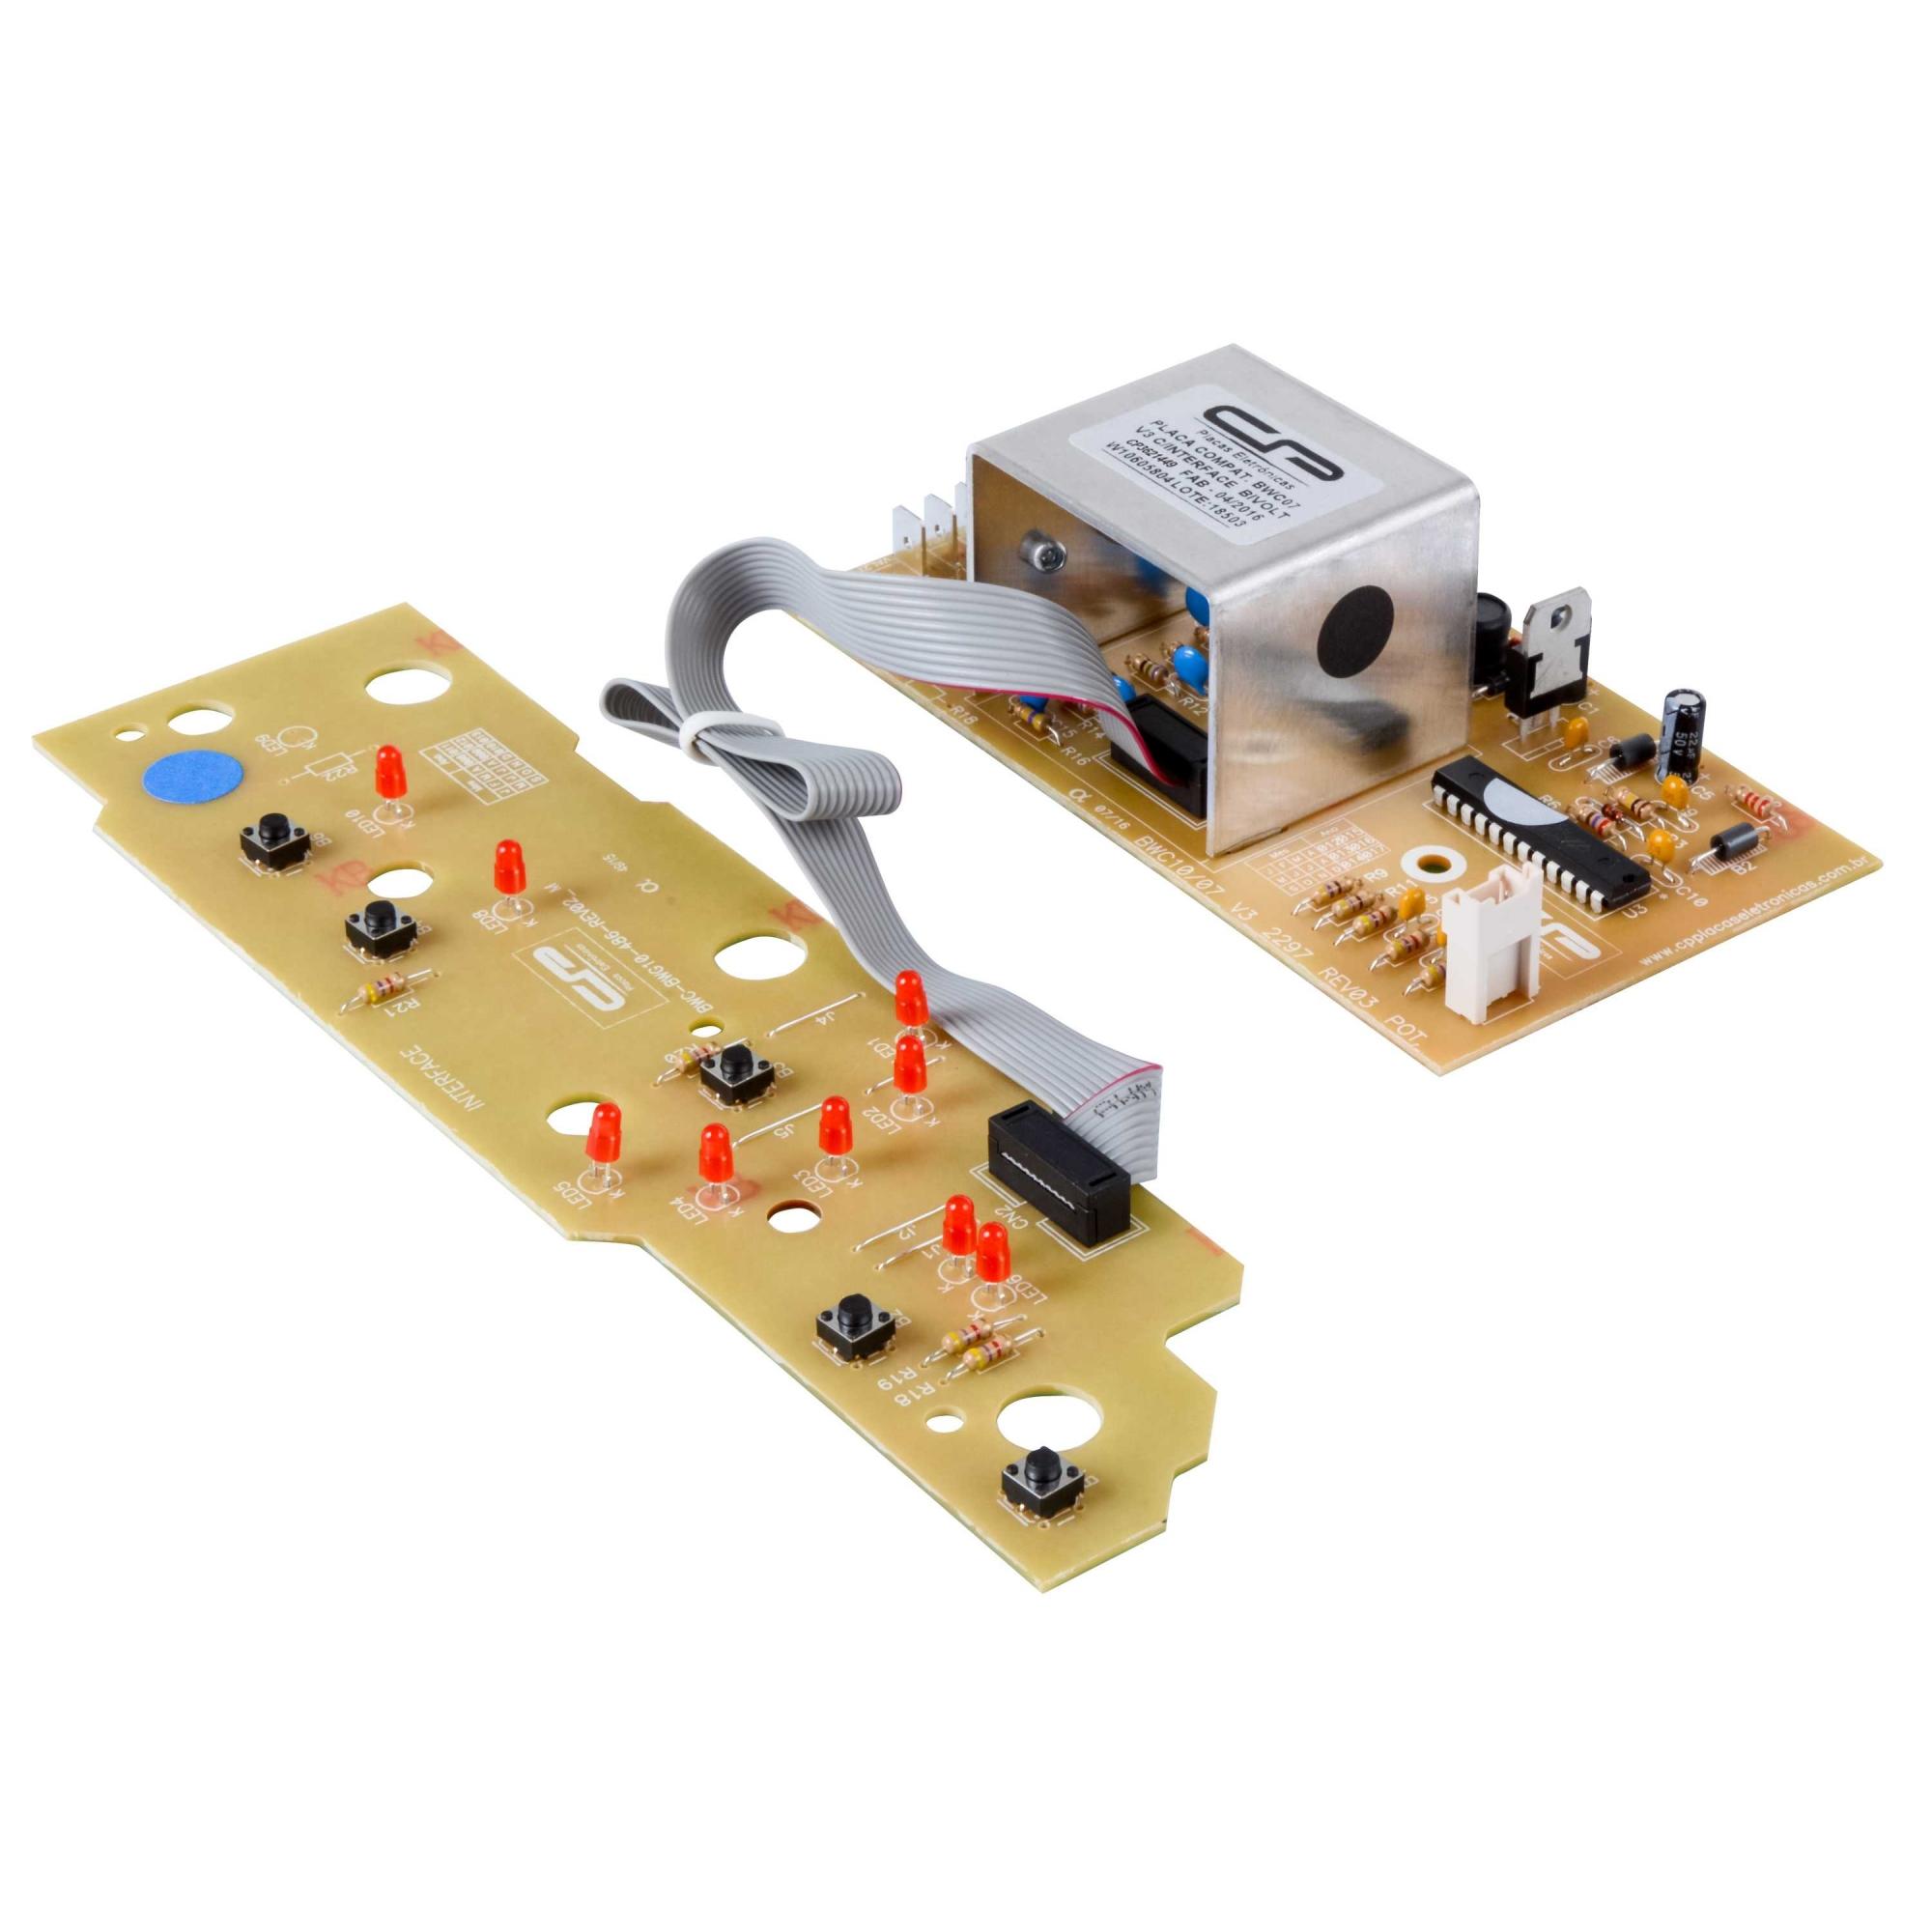 Placa eletronica compatível Lavadora Brastemp 3 versão